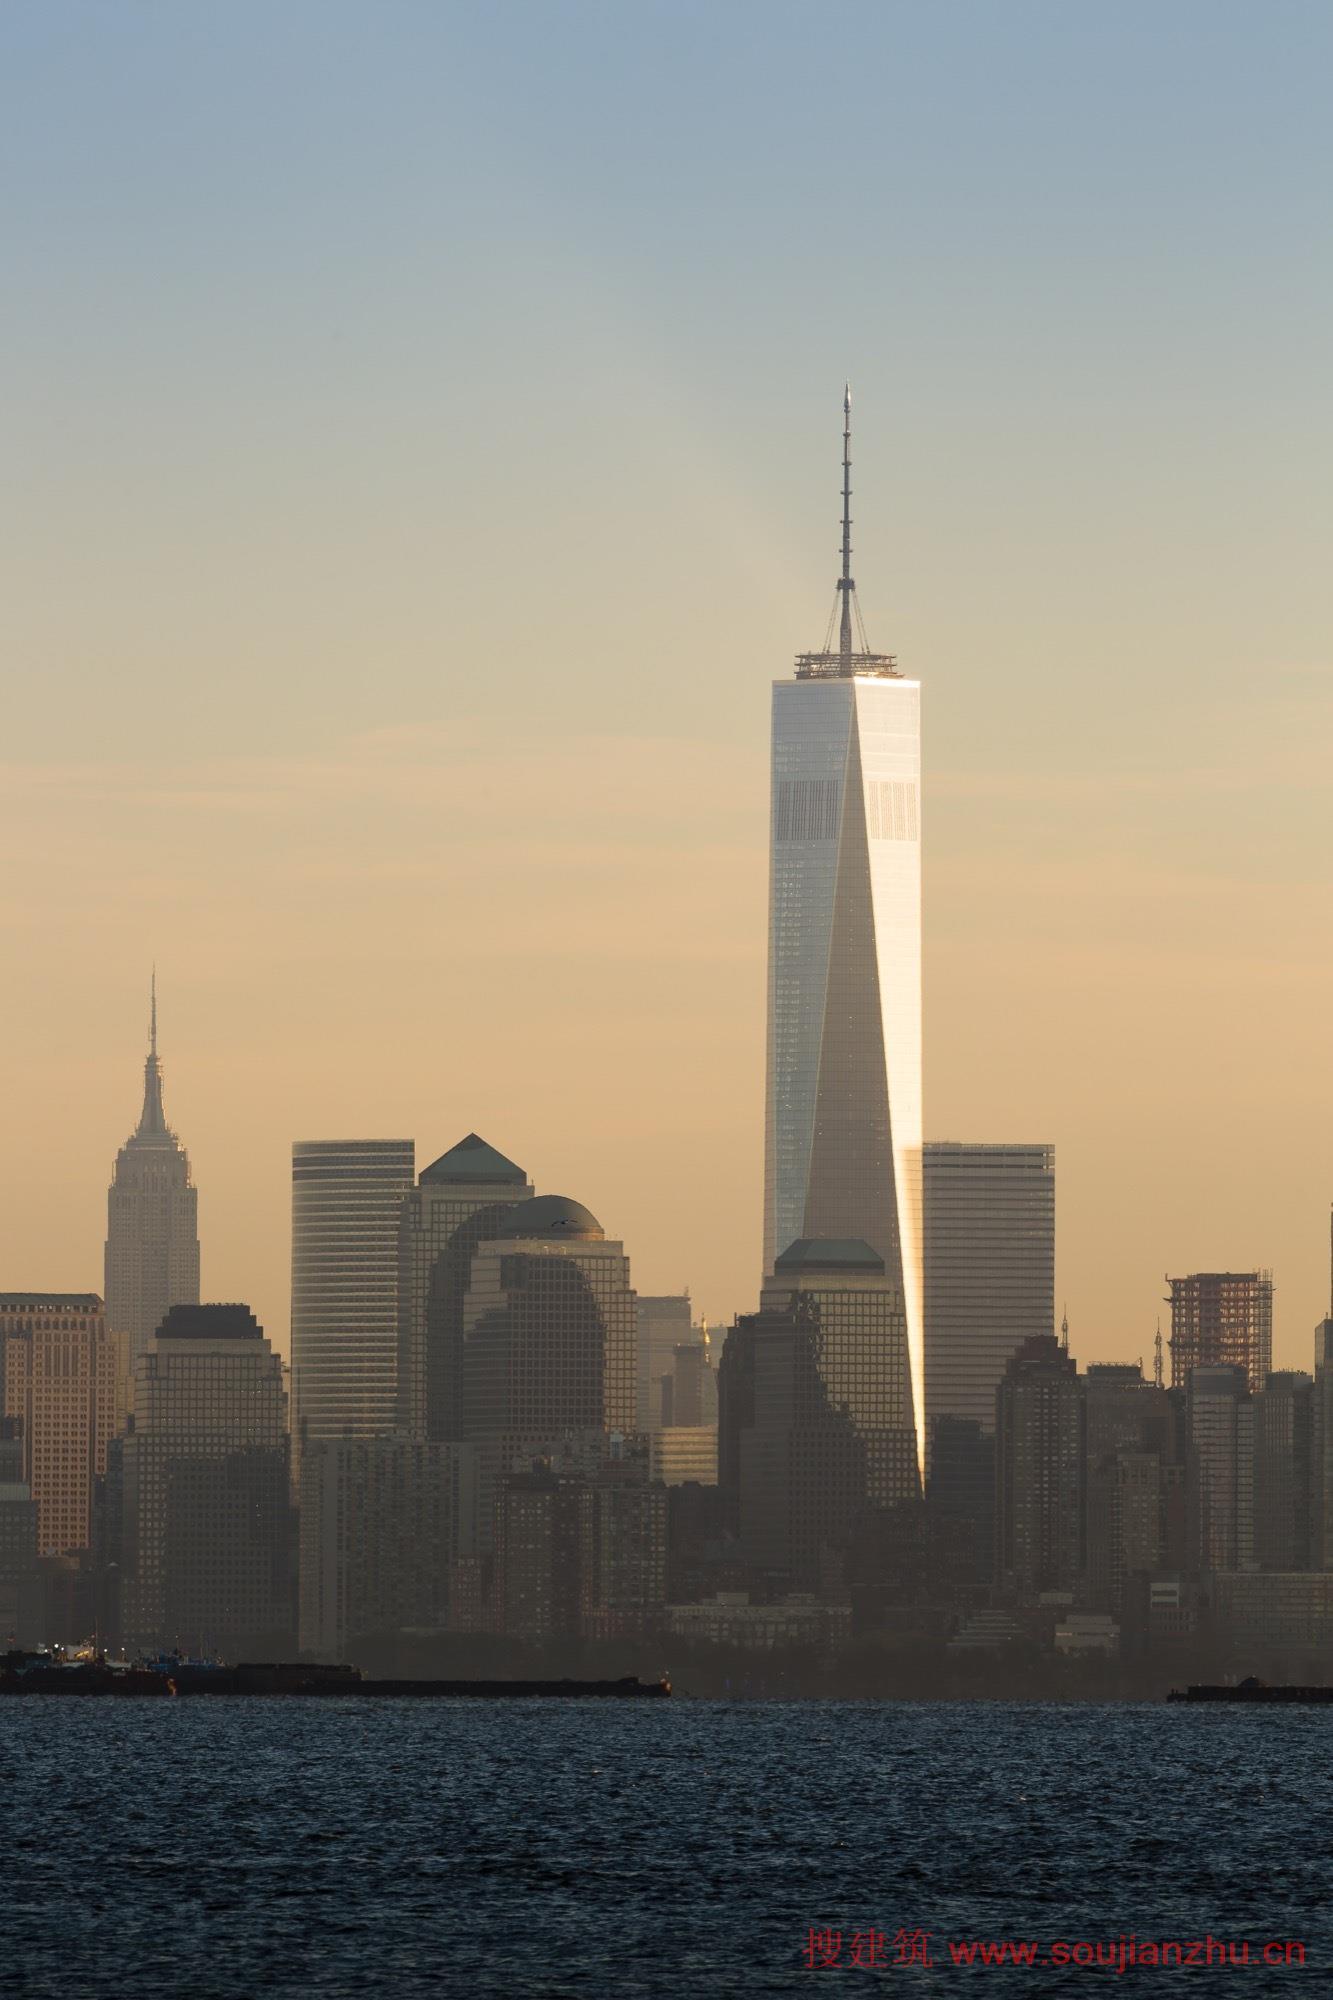 建筑师:SOM 地点:美国 纽约 面积:325161平方米 年份:2015  世贸中心一号楼毗邻世贸中心纪念馆,它代表着未来和希望。世贸中心一号楼高达124.4米的天线是该建筑的永久性建筑特色。  世贸中心一号楼位于世贸双塔原址,是金融区的核心,将包括一千万平方英尺的商业发展,表演艺术中心,50万平方英尺售空间,交通枢纽和国家911纪念馆。  总体规划恢复富尔顿和格林威治街道,以前被世界贸易大厦广场和原来的7世界贸易中心大厦封锁,为该地区注入了新的活力。新的世界贸易中心七号楼,于2006开幕,重开格林威治